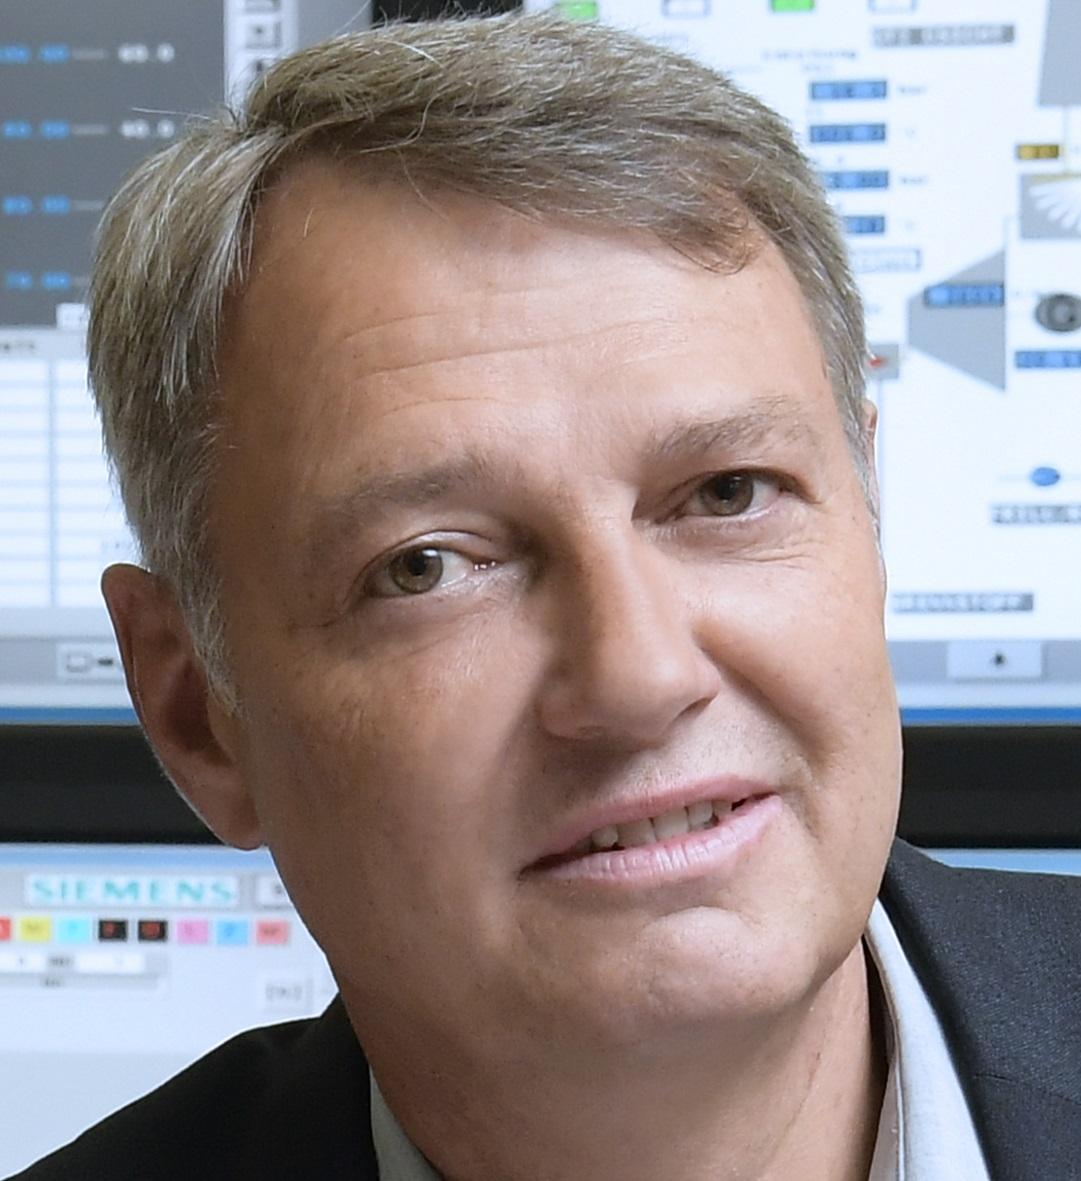 Karel Schweng